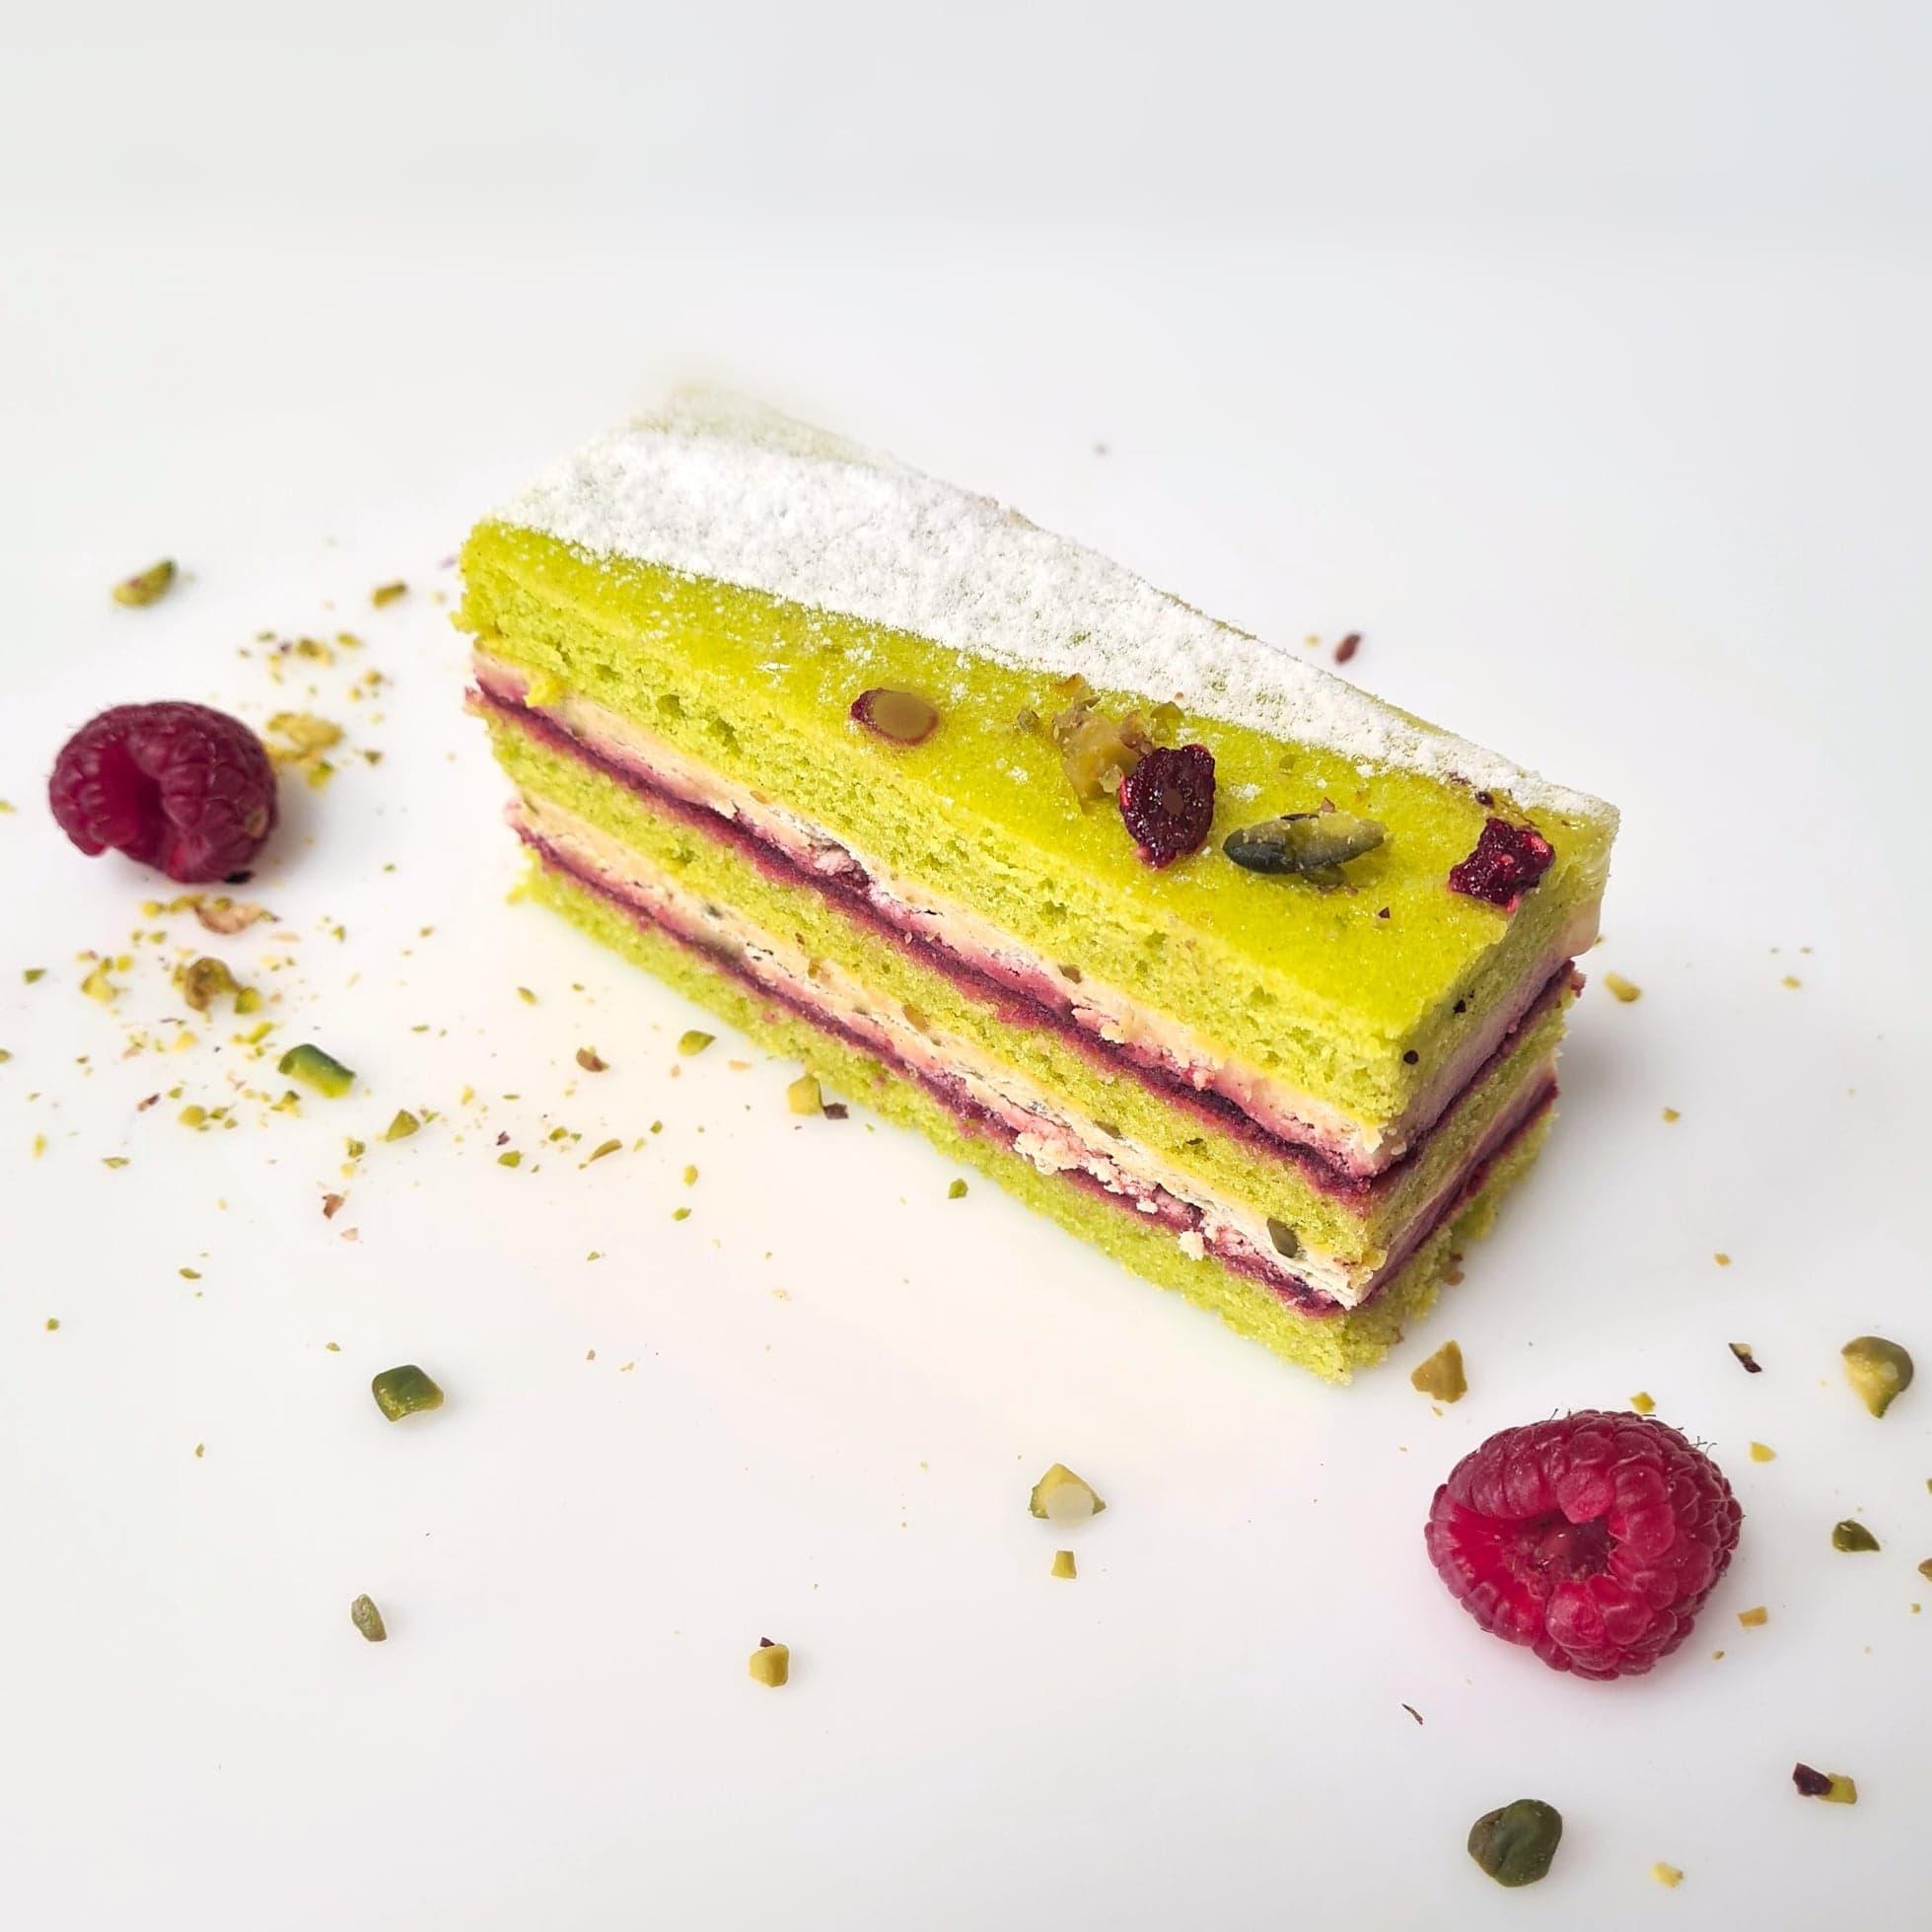 Biscuit Joconde, confit de framboises, crème pistache, éclats de pistaches 3,50 €